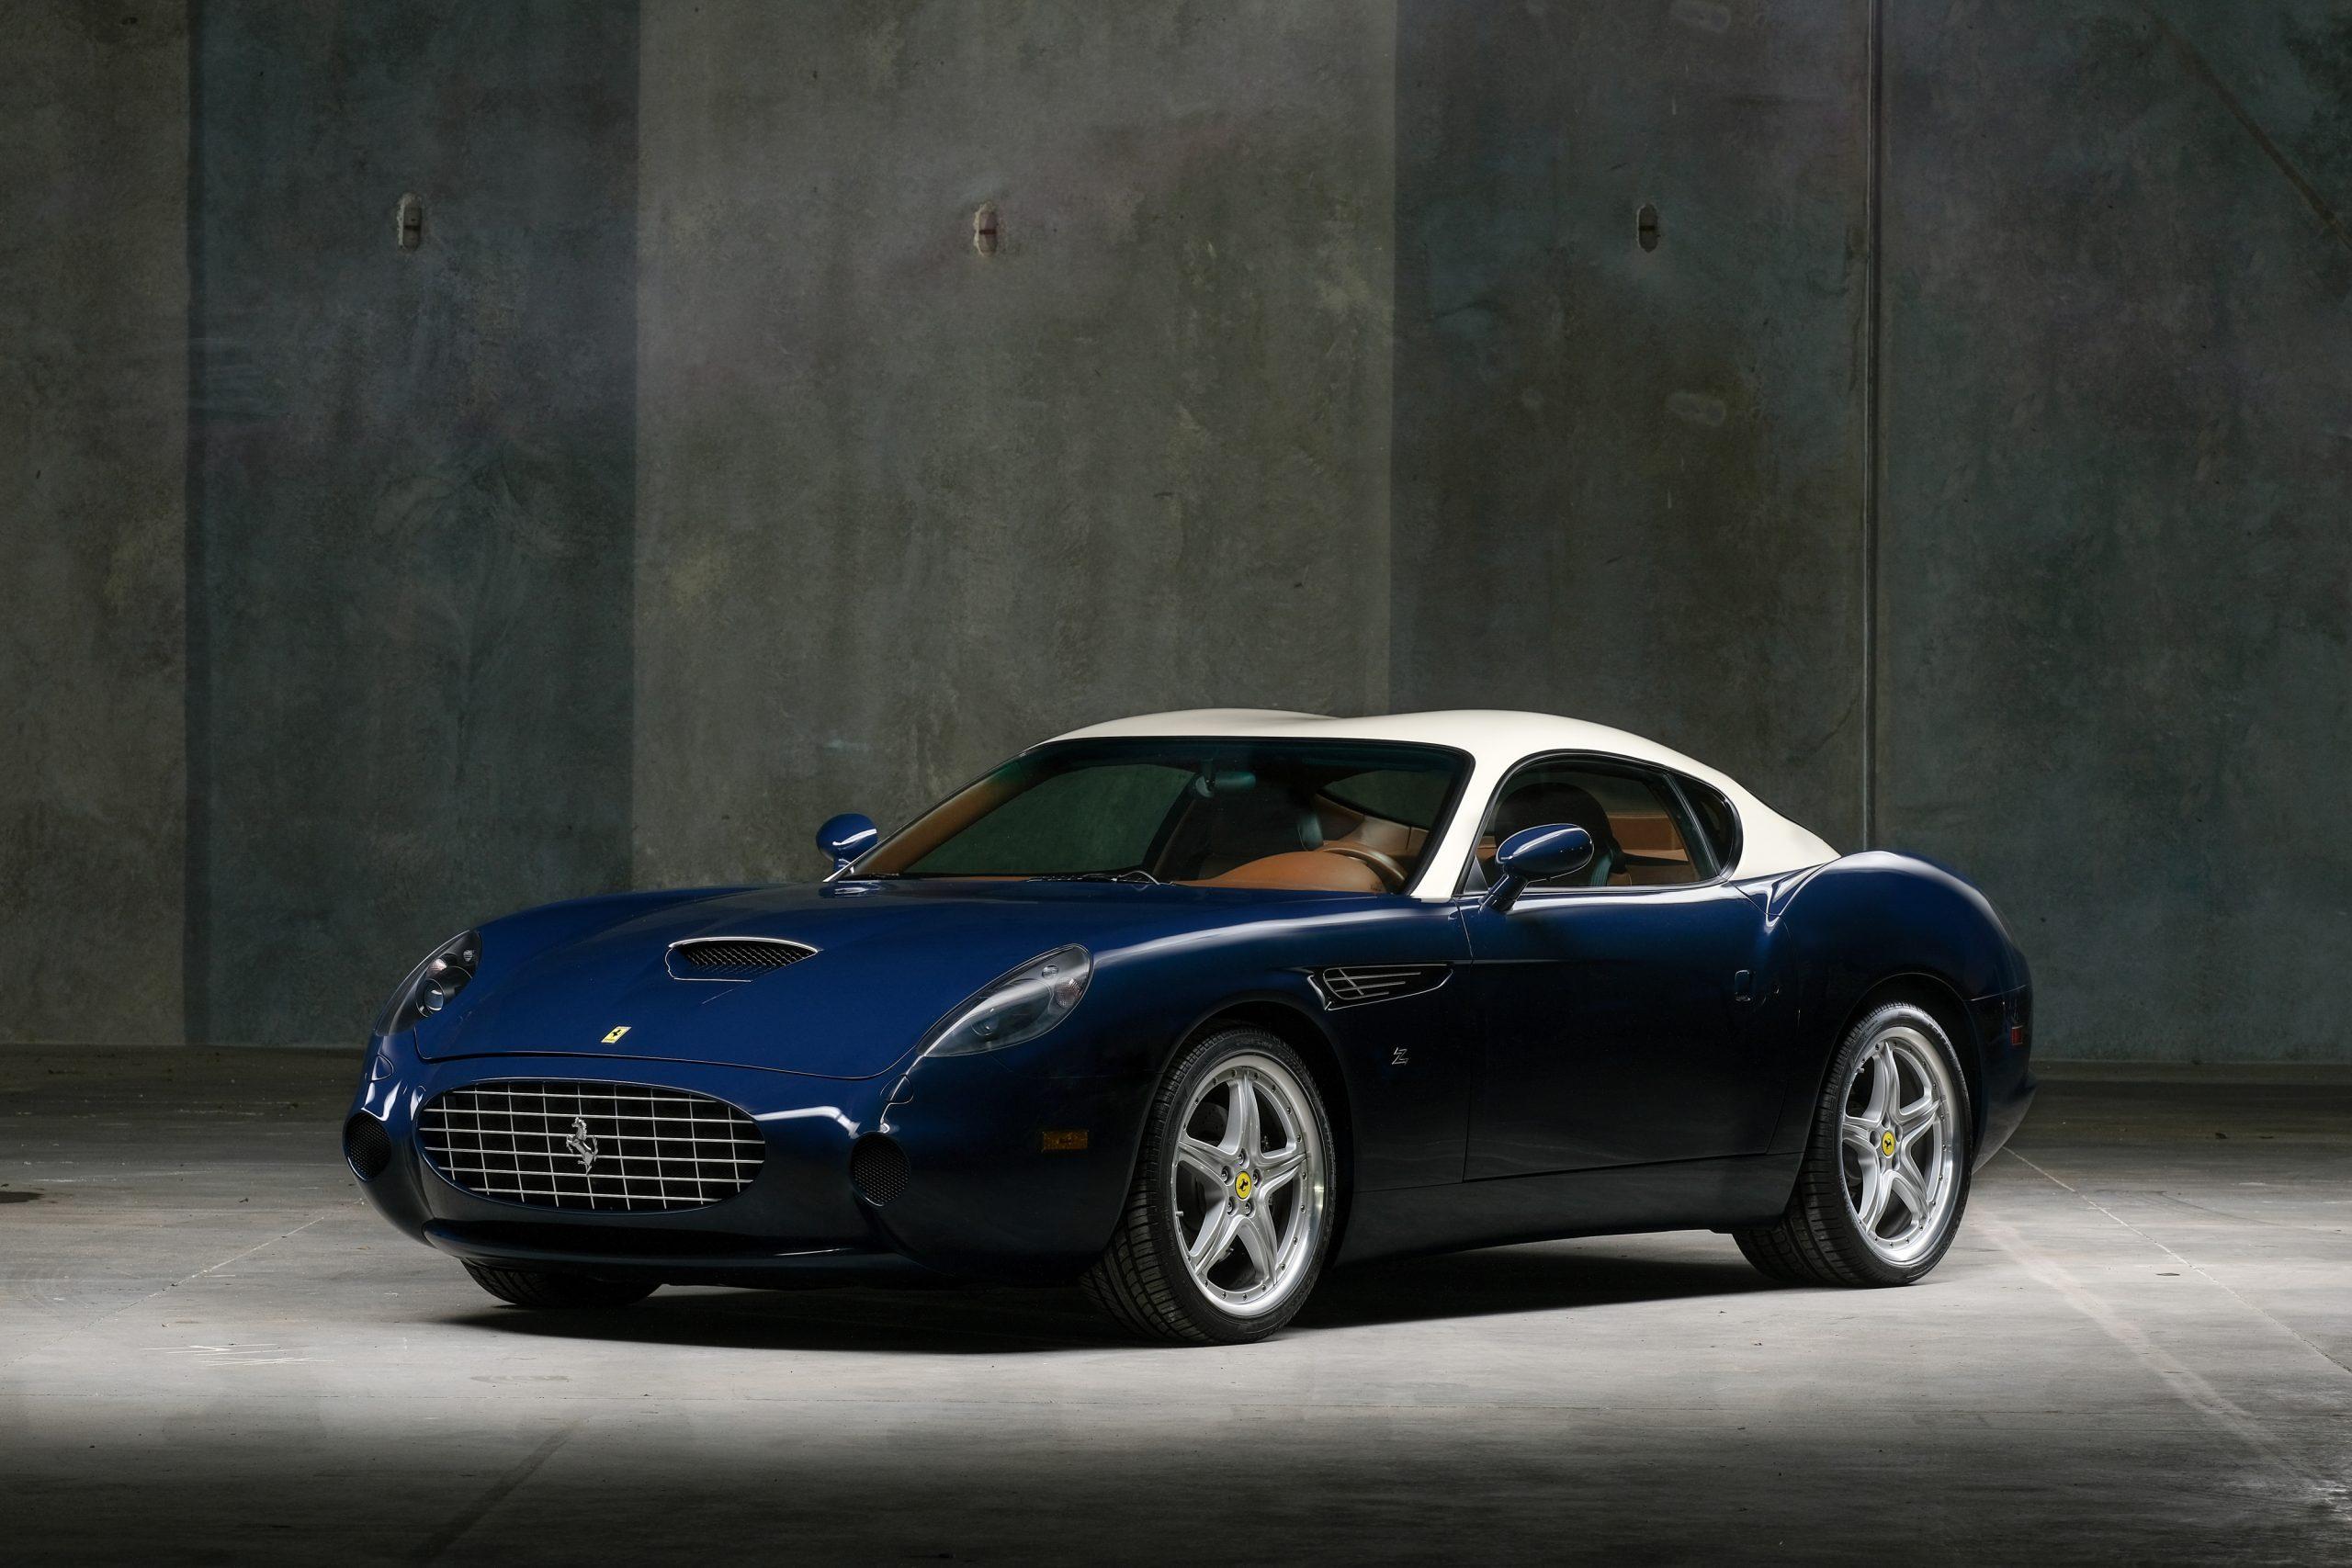 2005 Ferrari 575 GTZ Zagato front three quarter